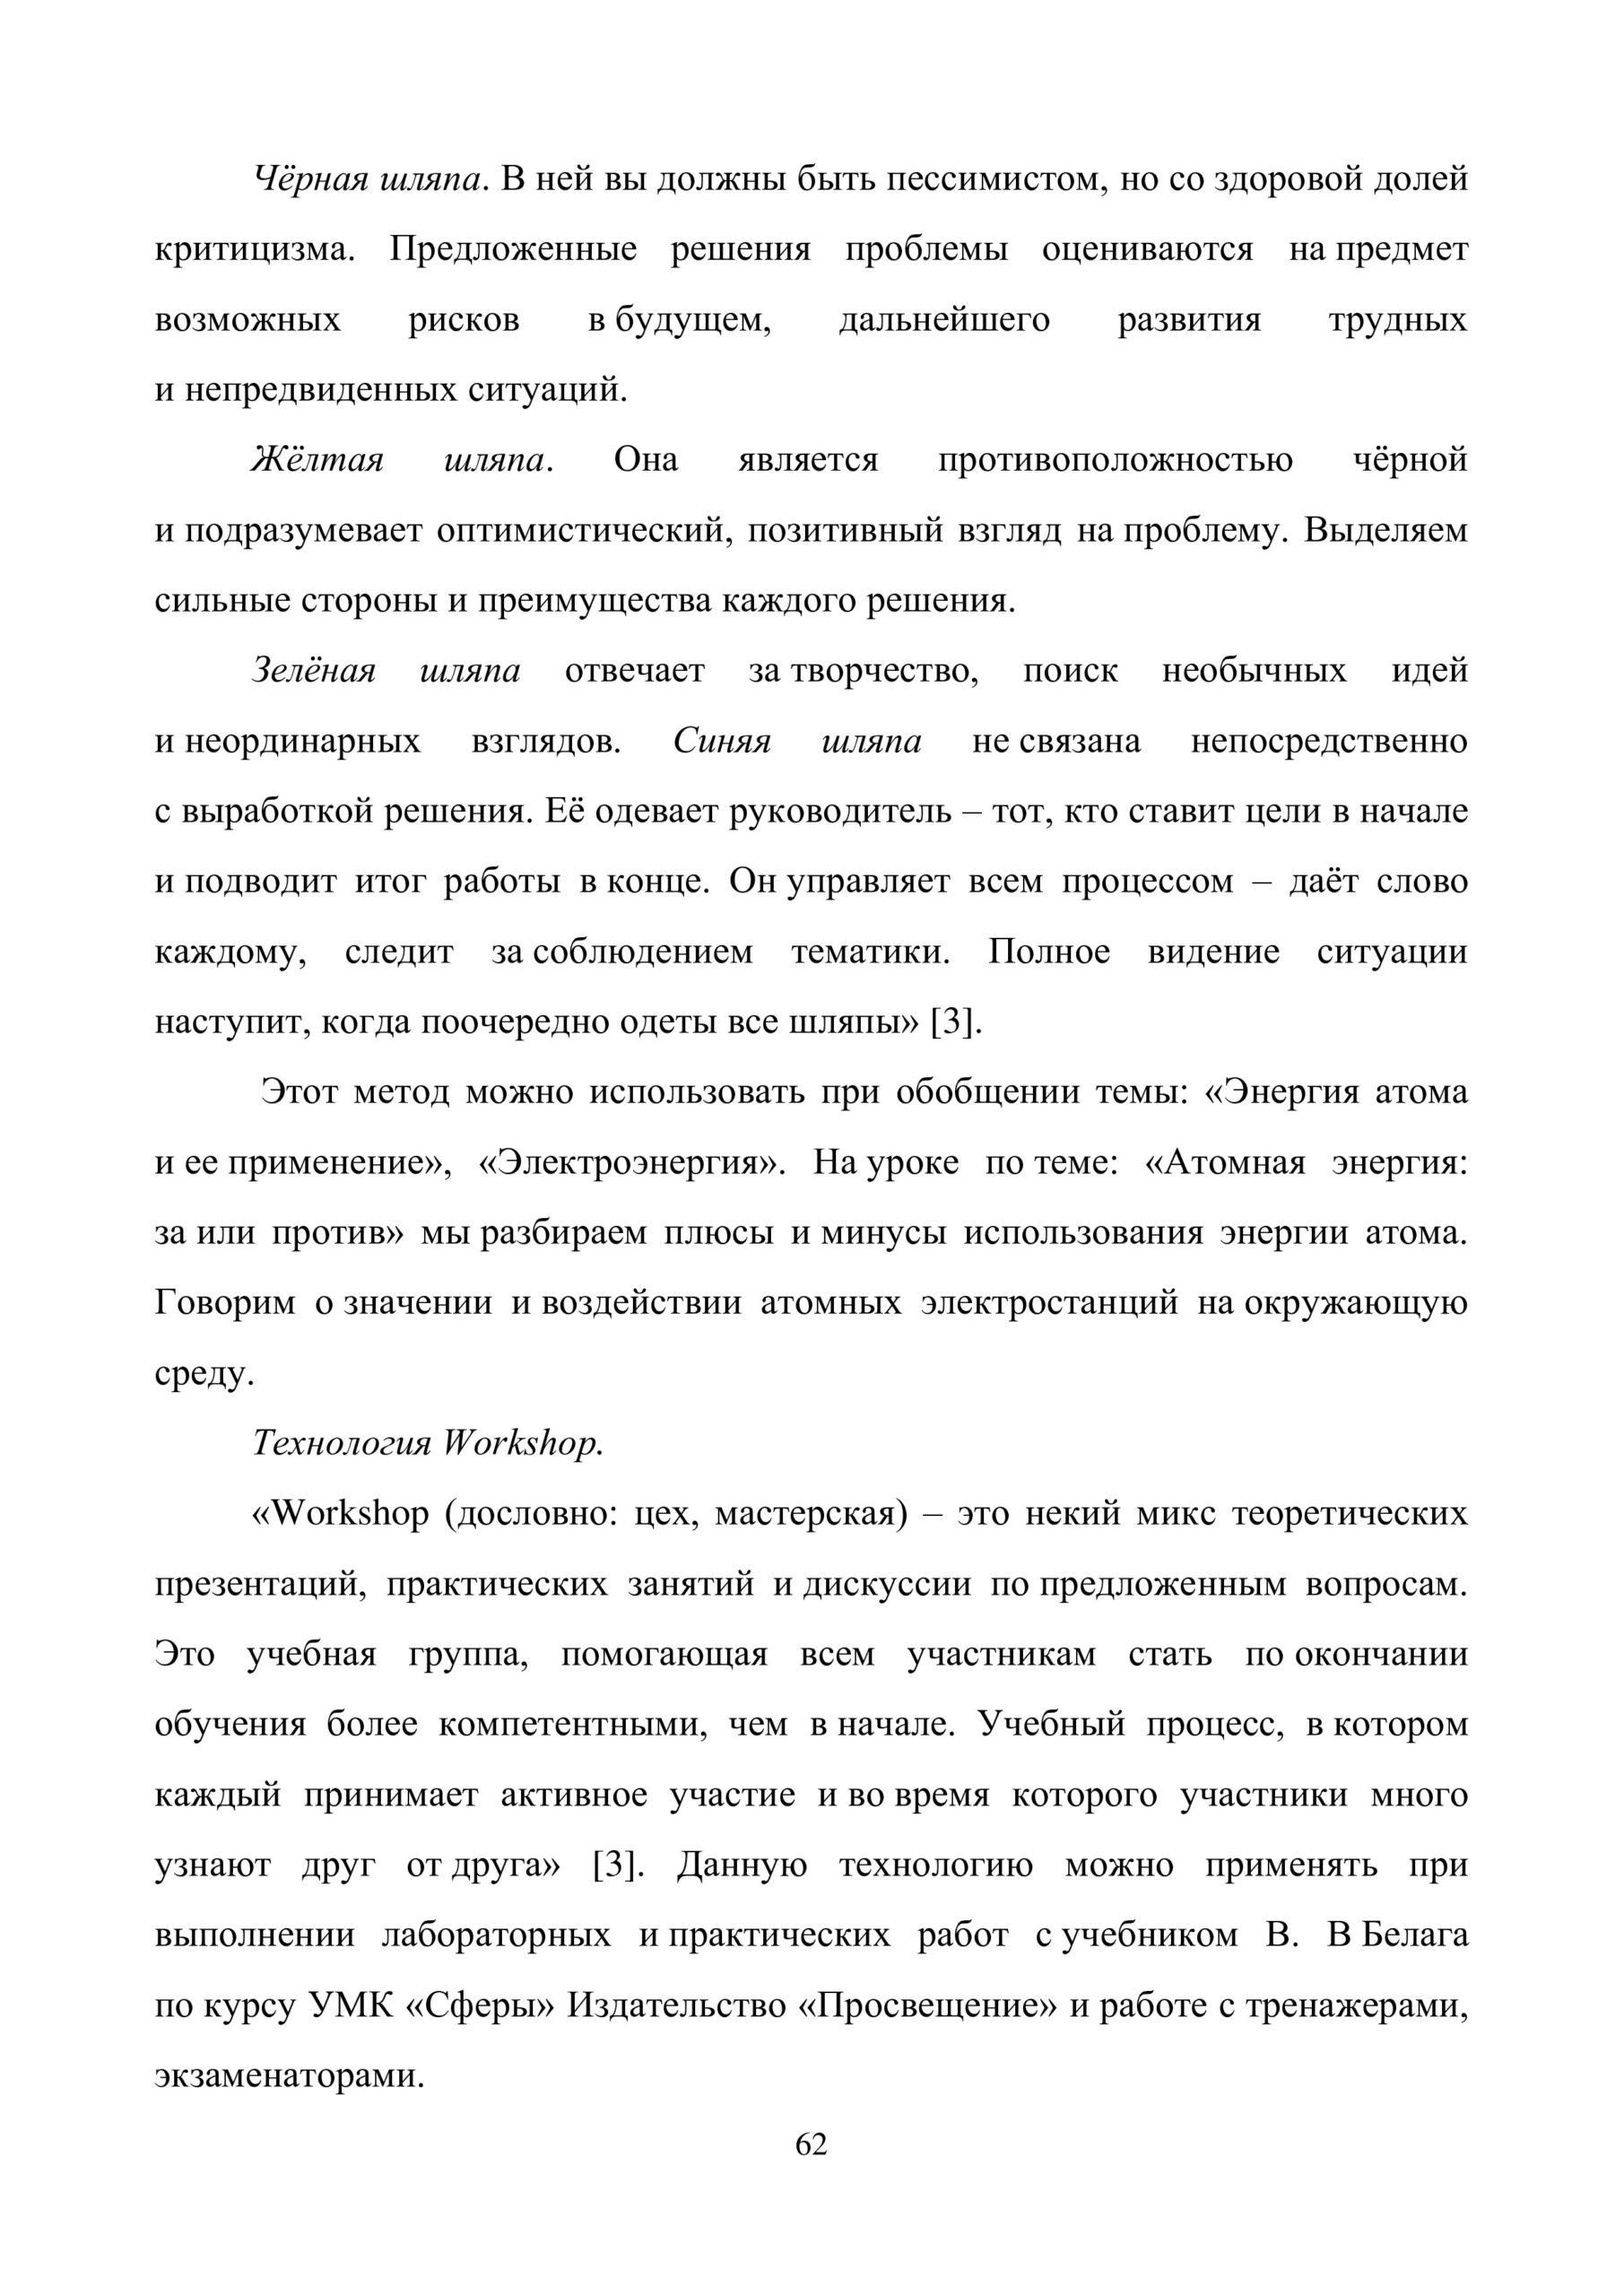 Сборник конференции СОТ физика_061